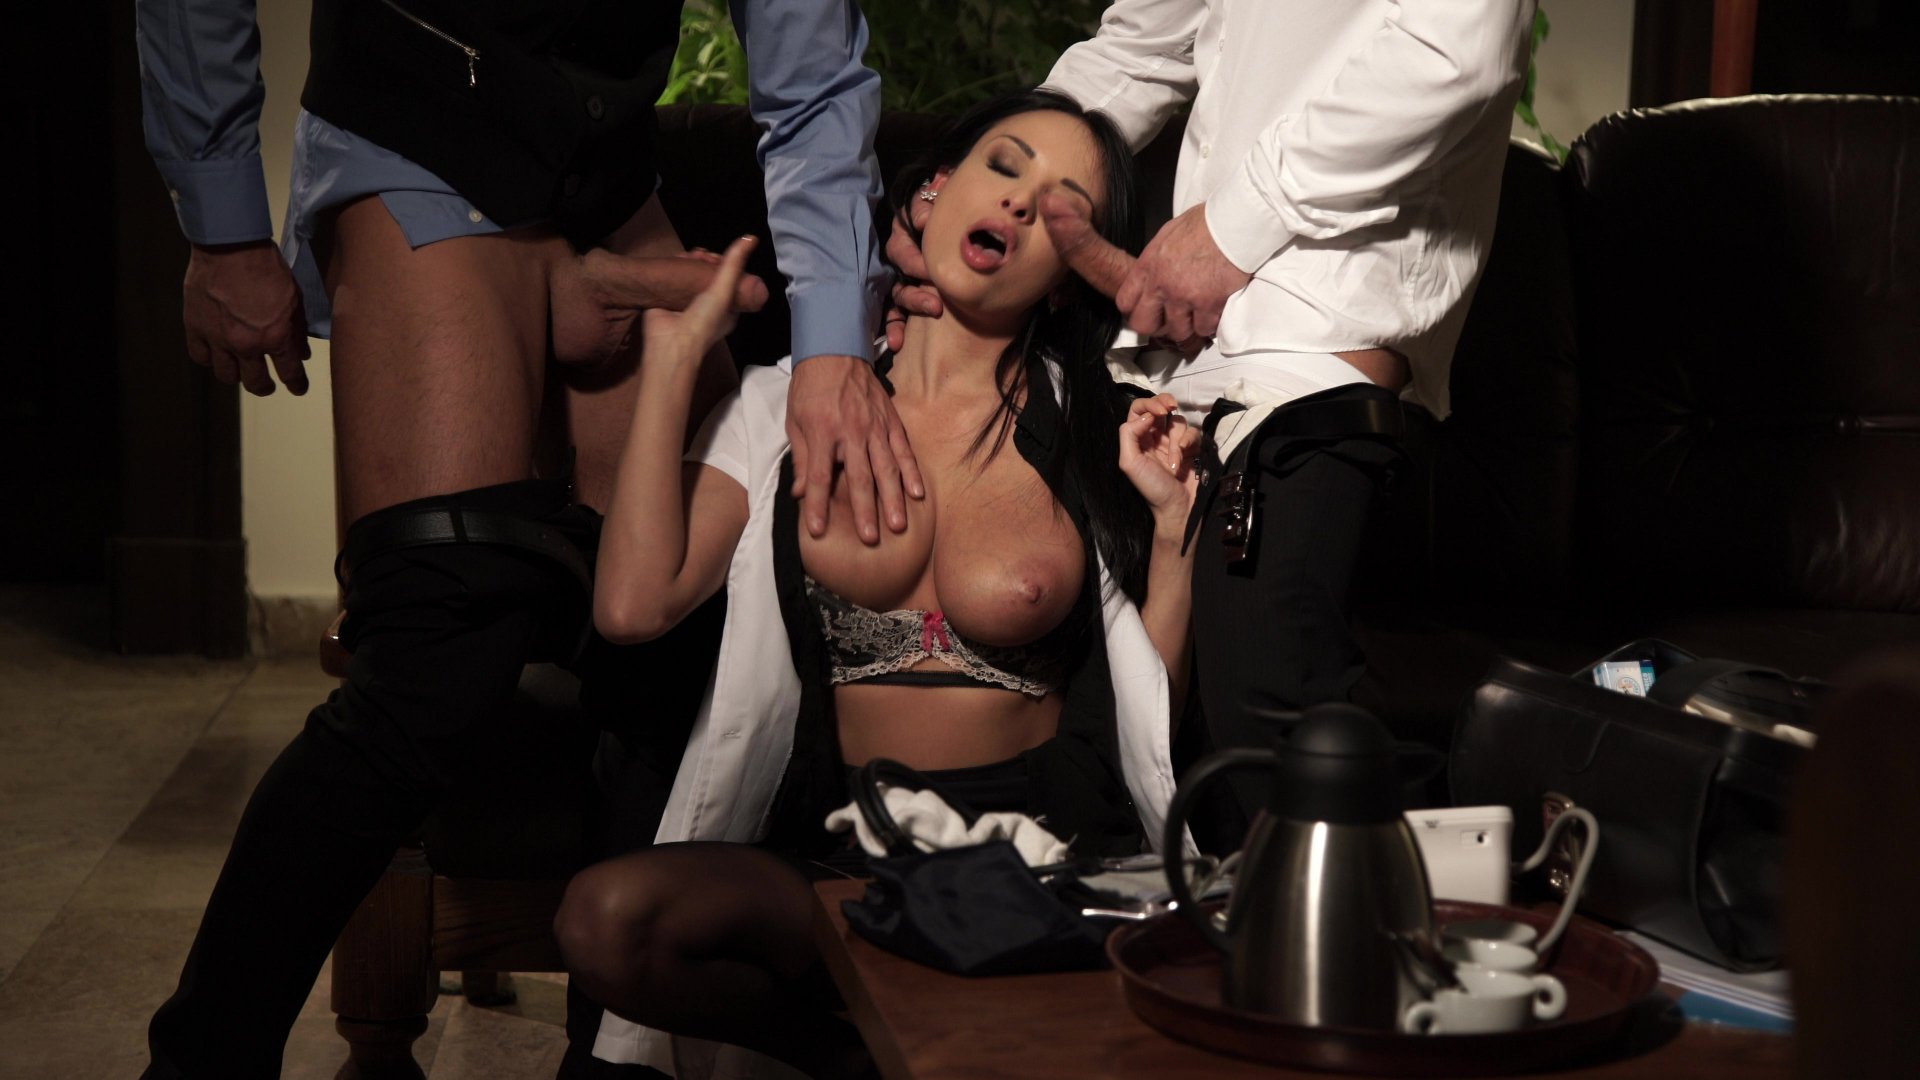 argentinka-kastinge-starie-porno-filmi-mark-dorsel